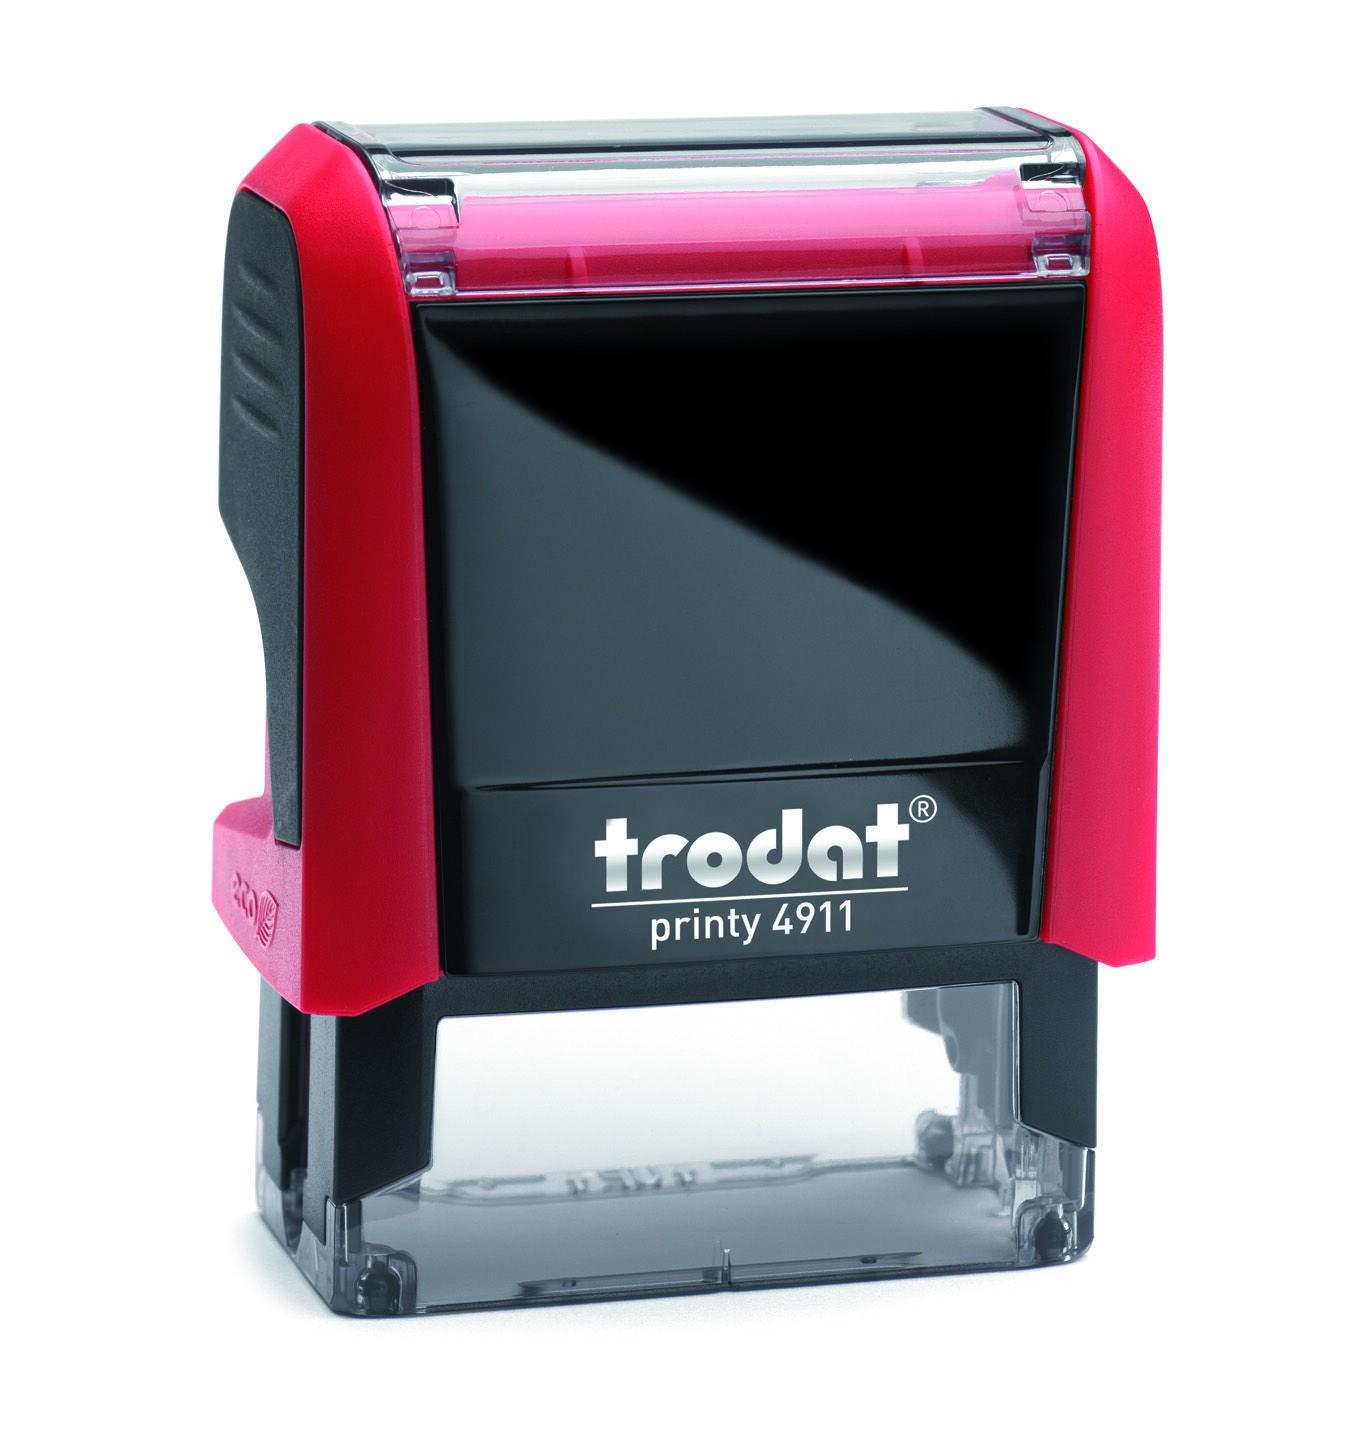 Trodat - Tampon textile personnalisé